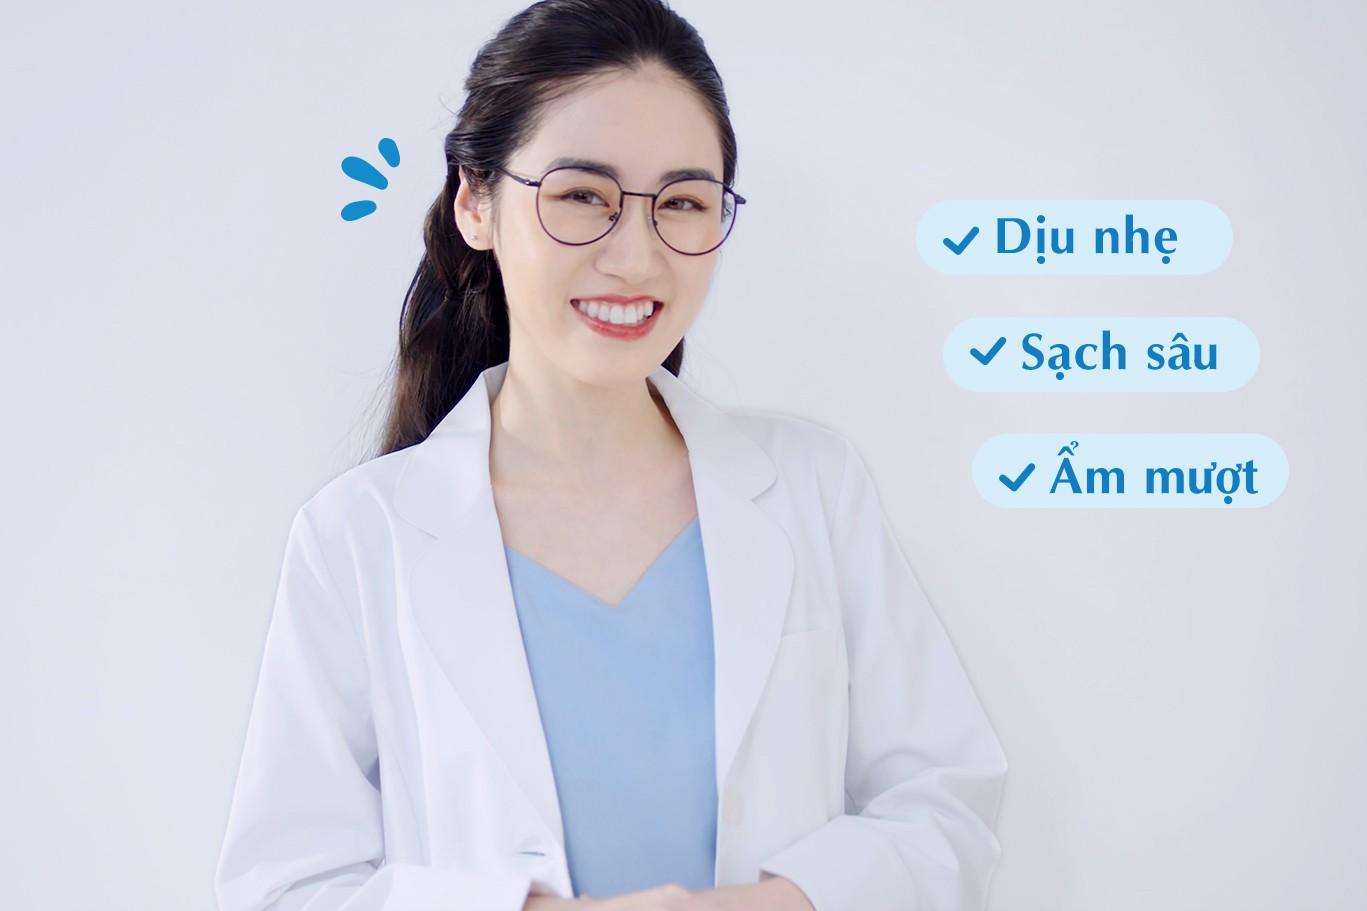 Nghe lời beauty blogger Mai Vân Trang làm ngay 3 thí nghiệm kiểm tra sản phẩm rửa mặt bạn đang dùng kẻo hối hận không kịp! - Ảnh 2.